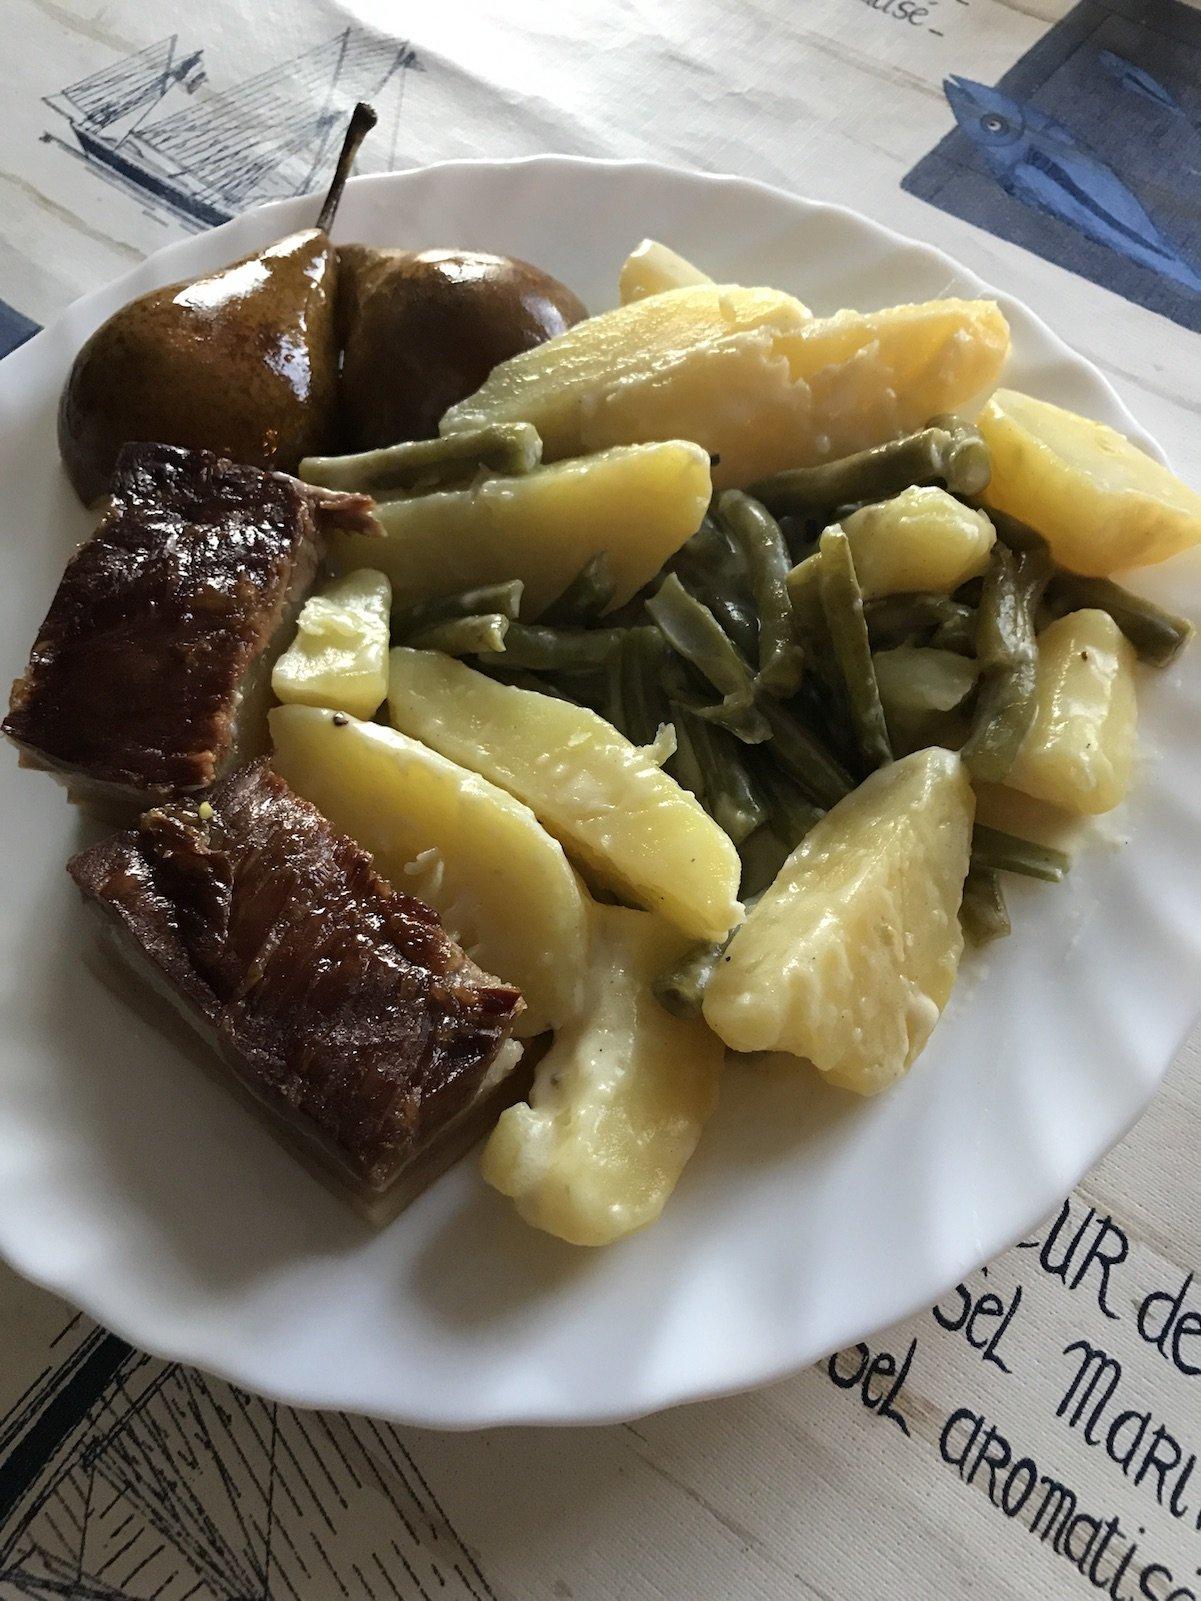 Birnen, Bohnen und Speck mit Kartoffeln aus dem Urlaubskochbuch nachgekocht